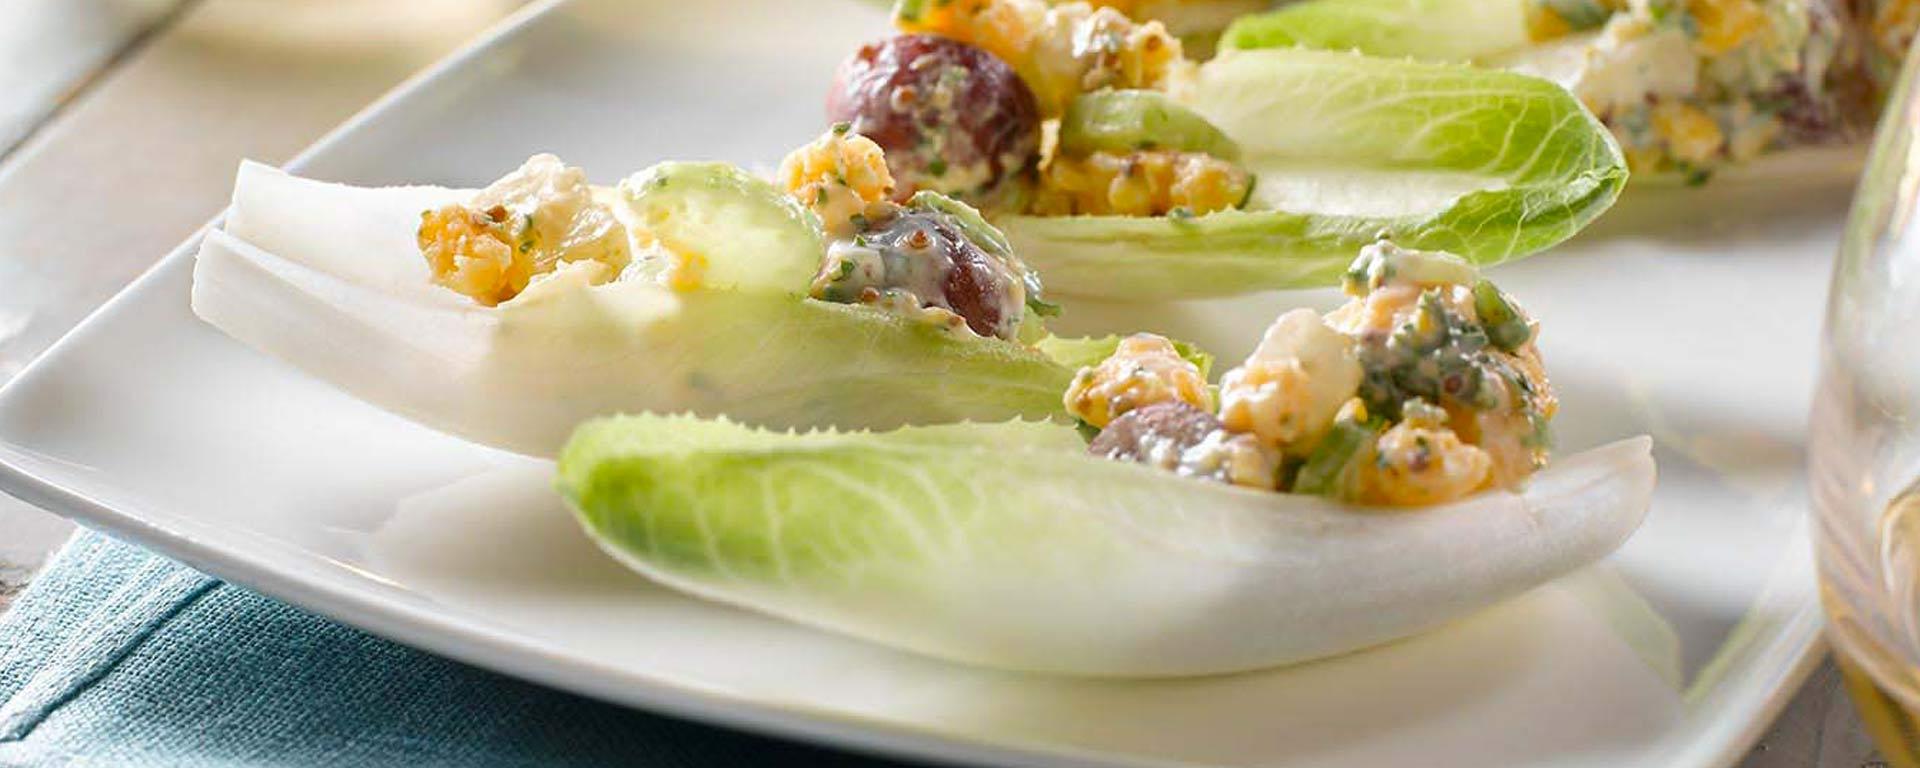 Photo for - Salade Waldorf fraîche